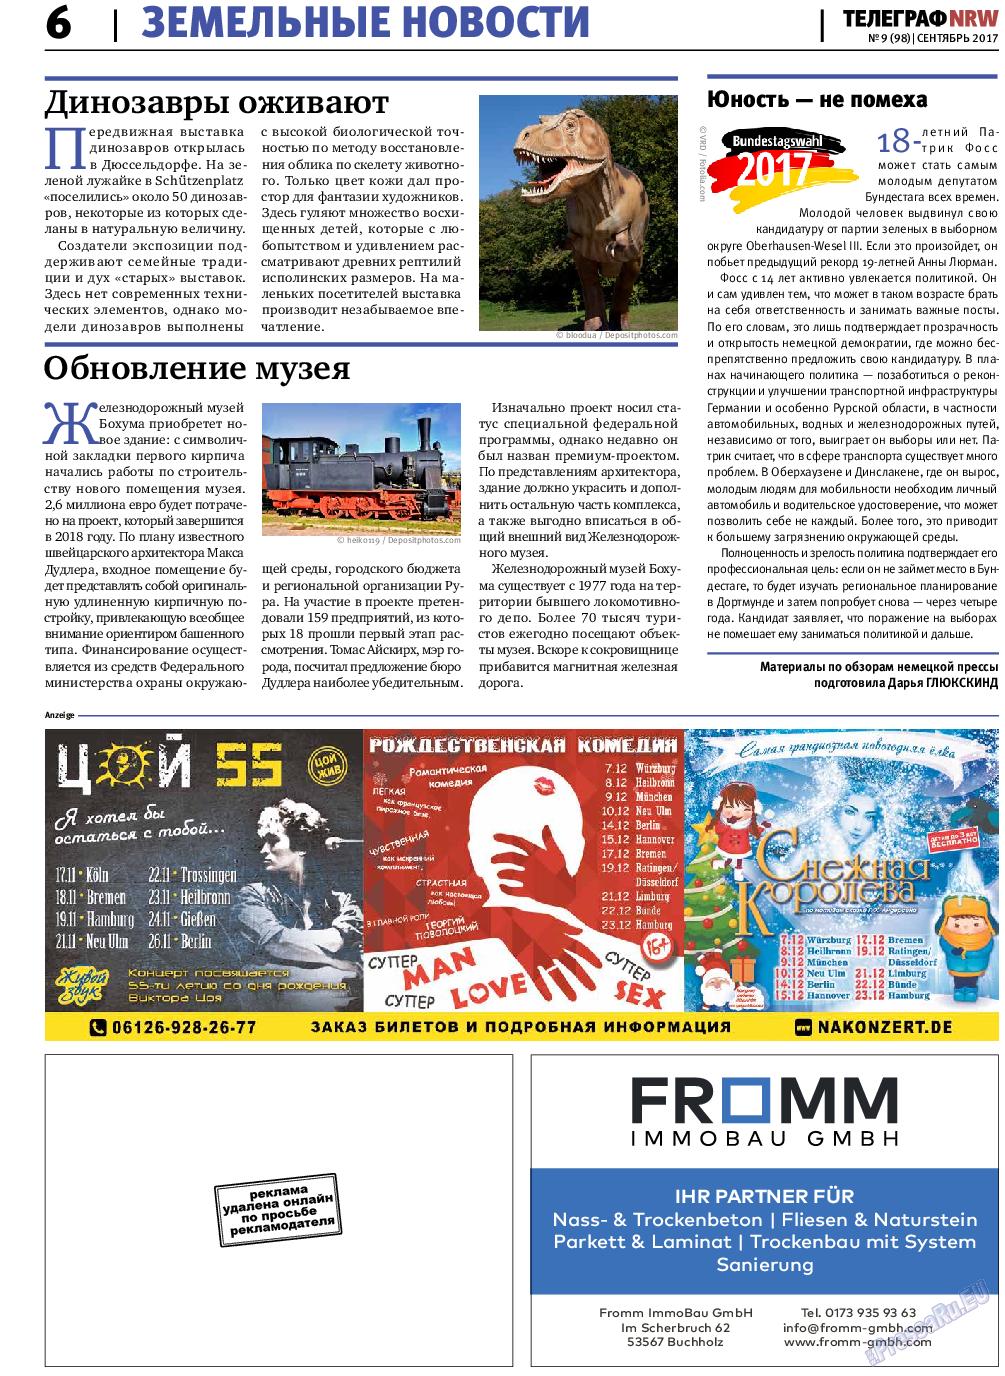 Телеграф NRW (газета). 2017 год, номер 9, стр. 6